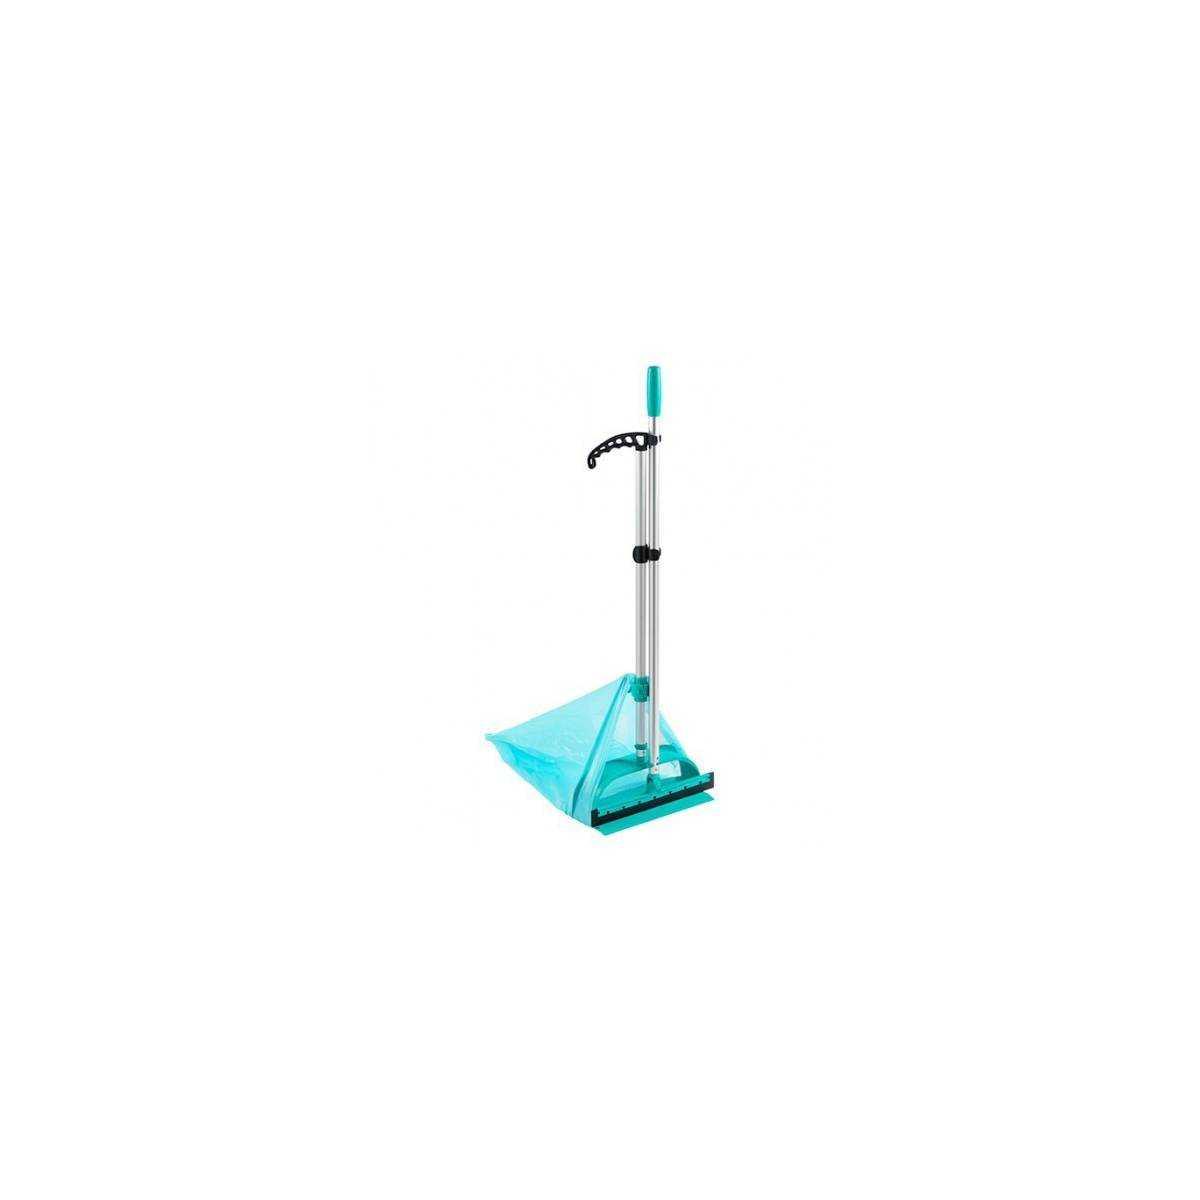 Набор для уборки B-Fly 00005645 TTS